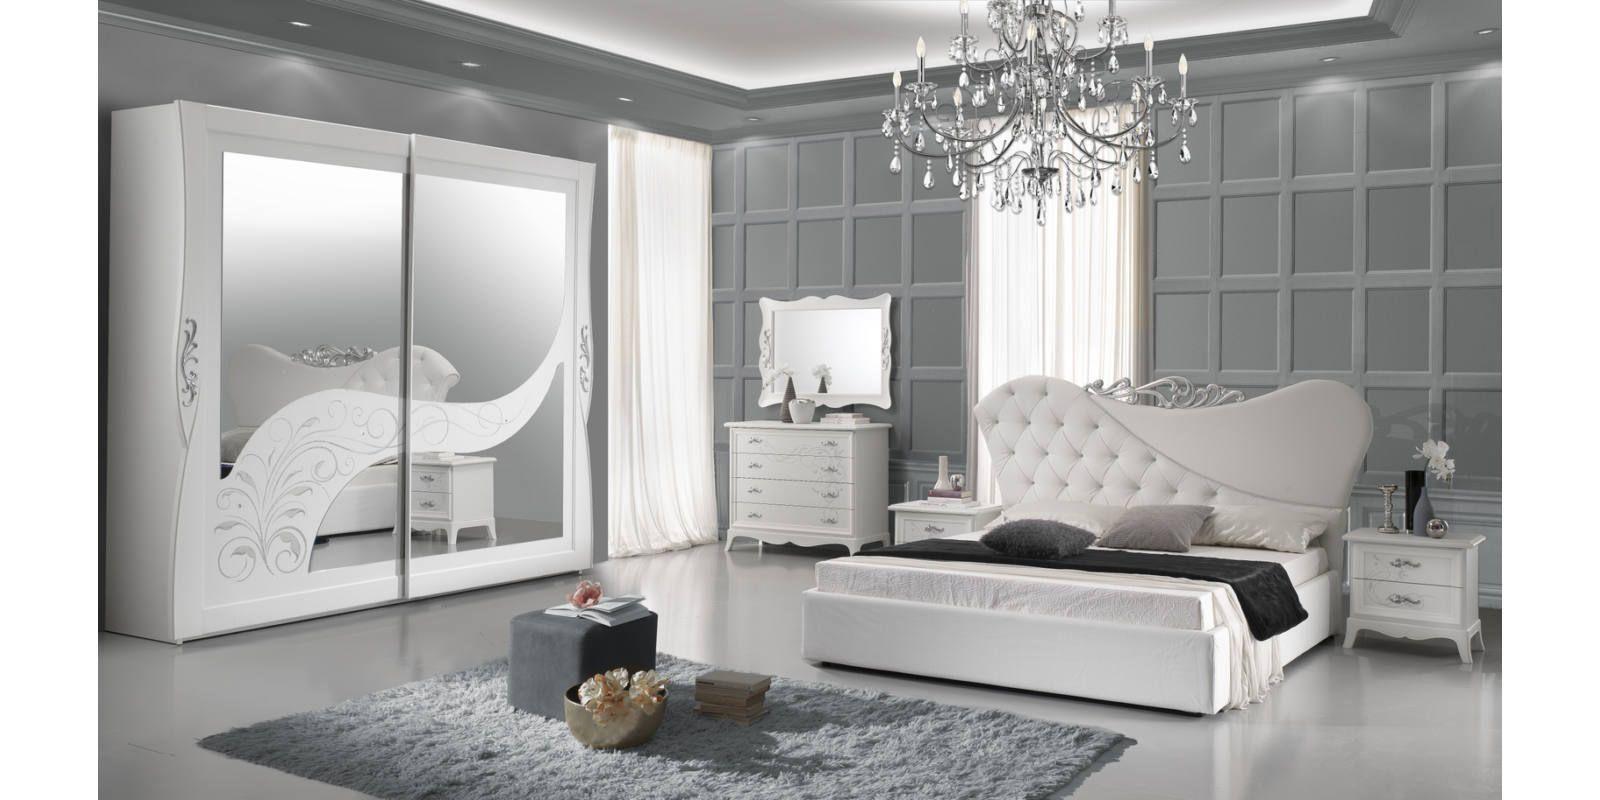 Giselle gyönyörű klasszikus olasz hálószoba garnitúra